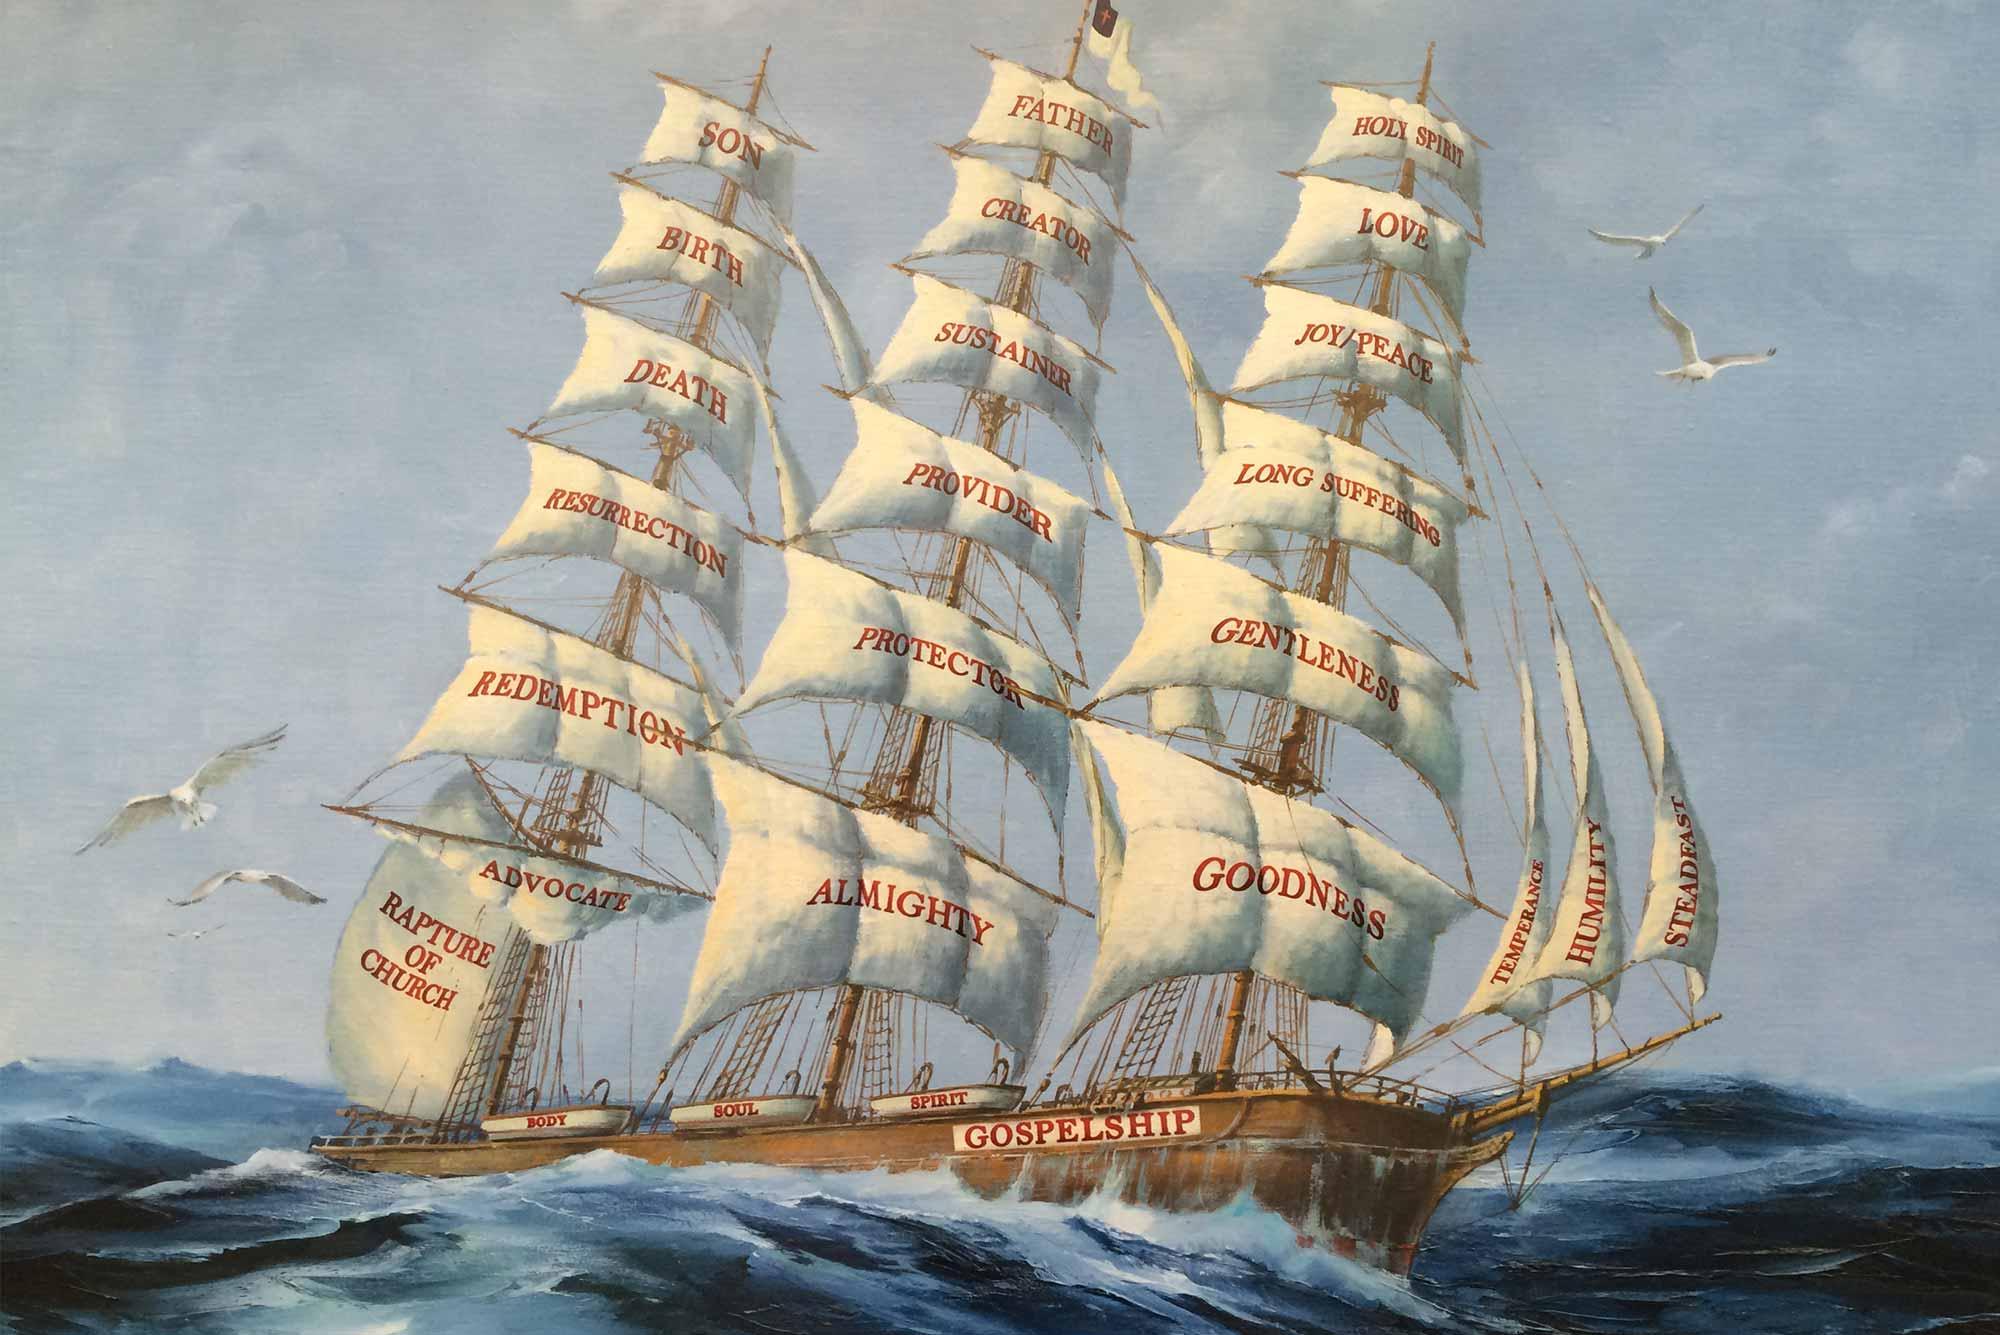 gospel ship